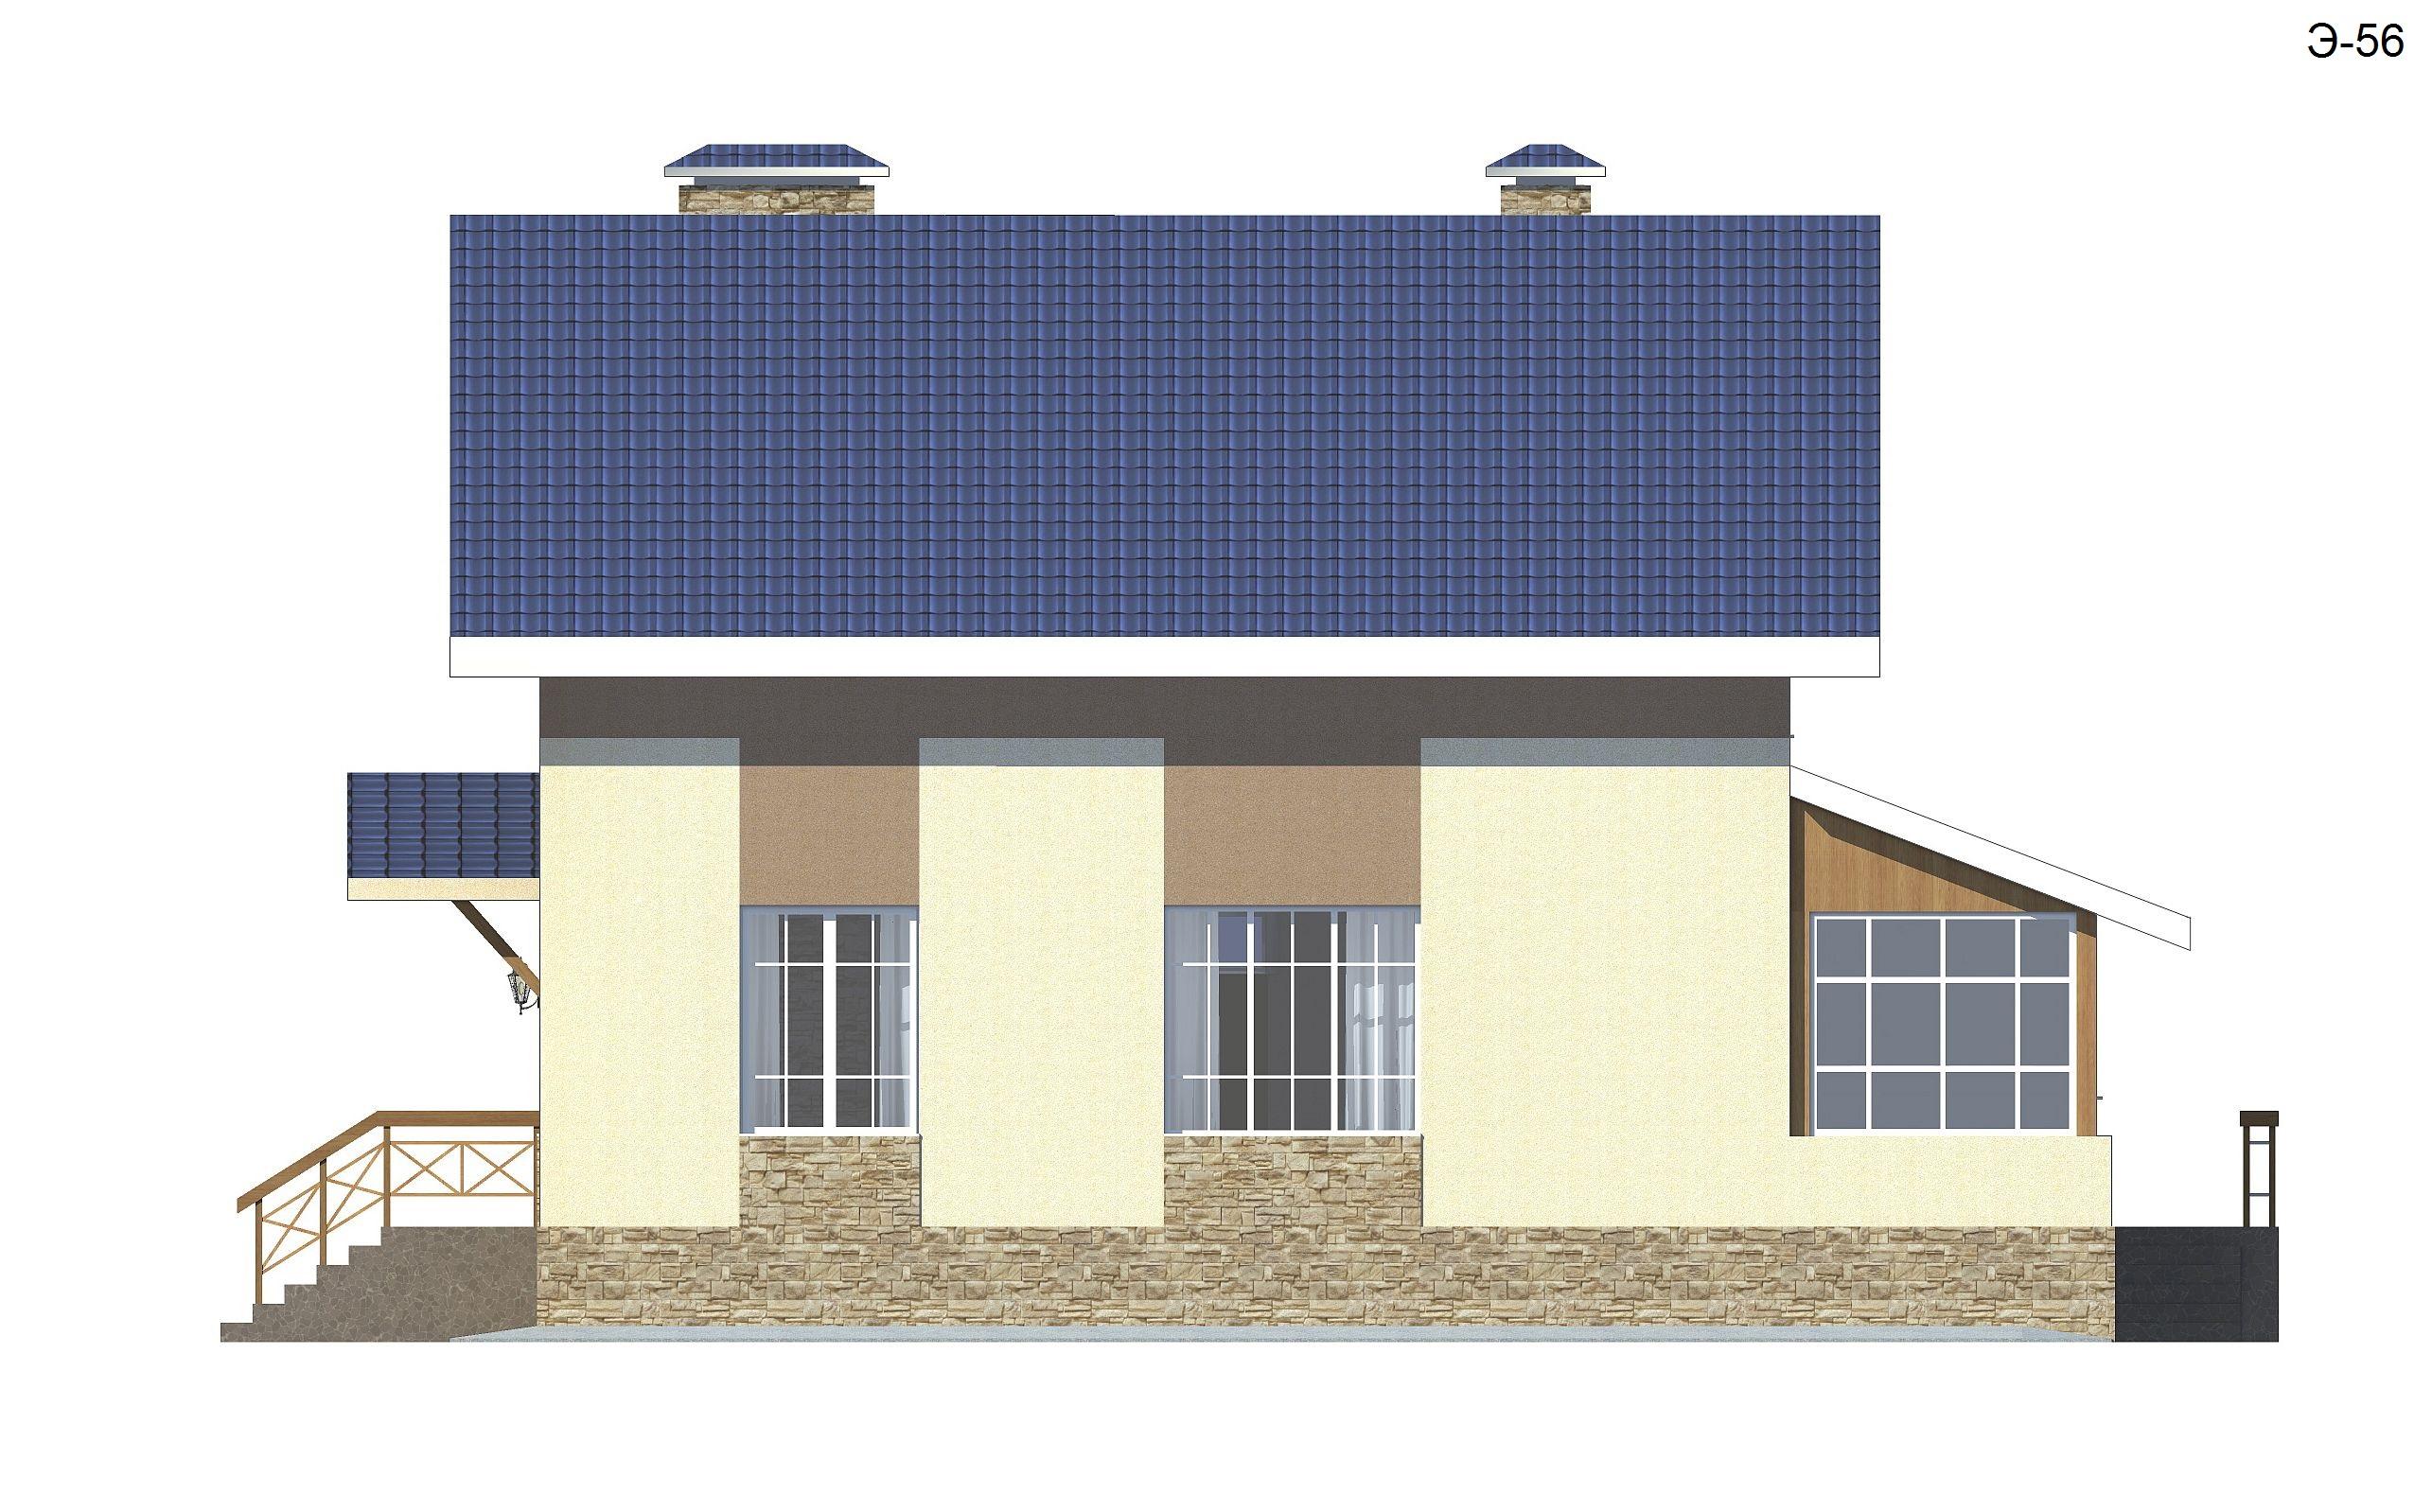 Готовый проект коттеджа 125 м2 / Артикул ЭР-56 фасад